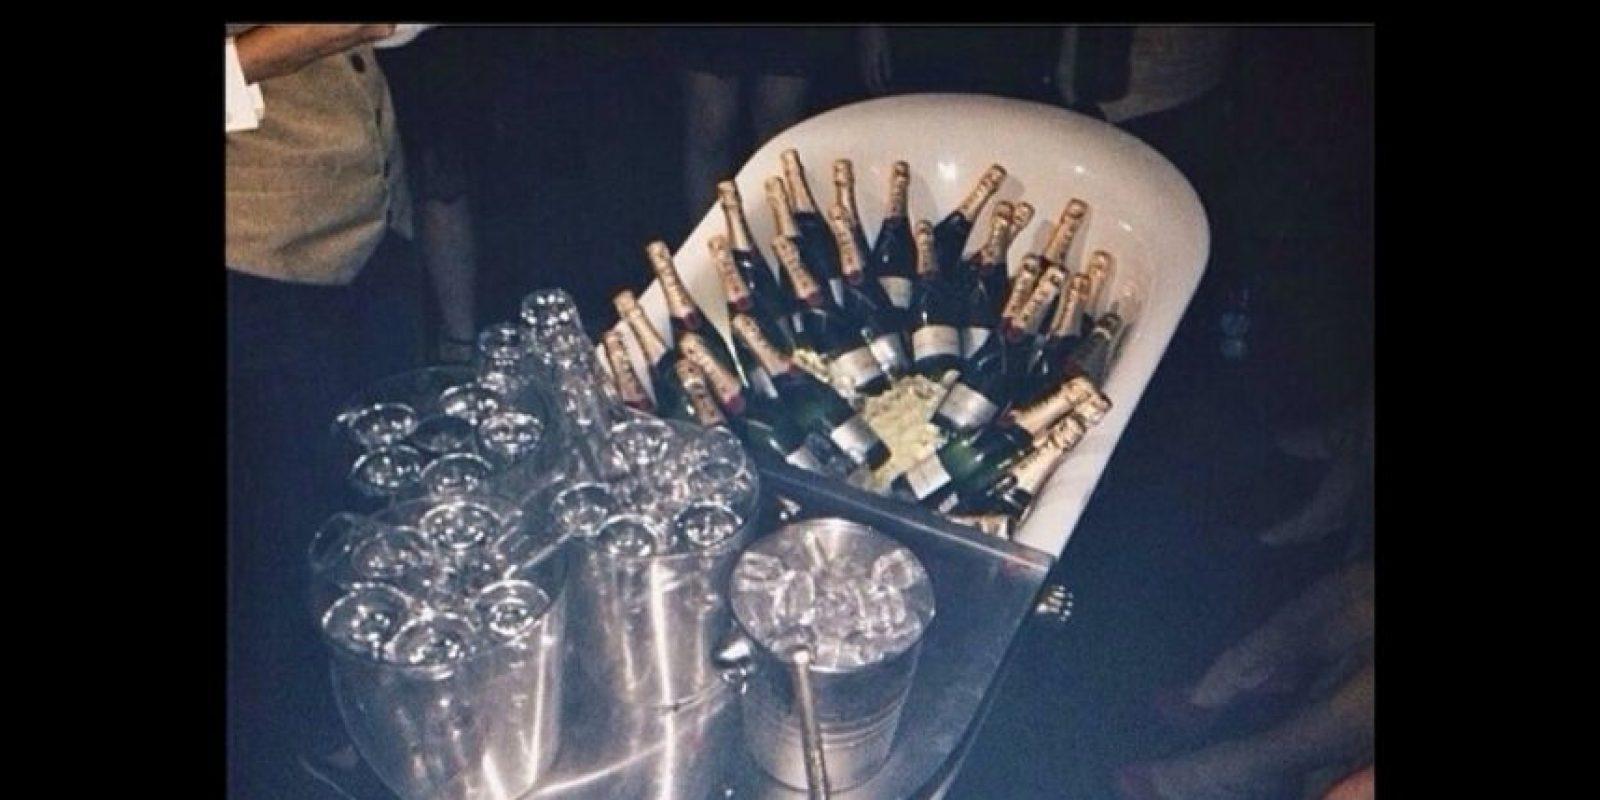 Otros lujos que presumen los ricos en las redes sociales Foto:instagram.com/richkidslondon/